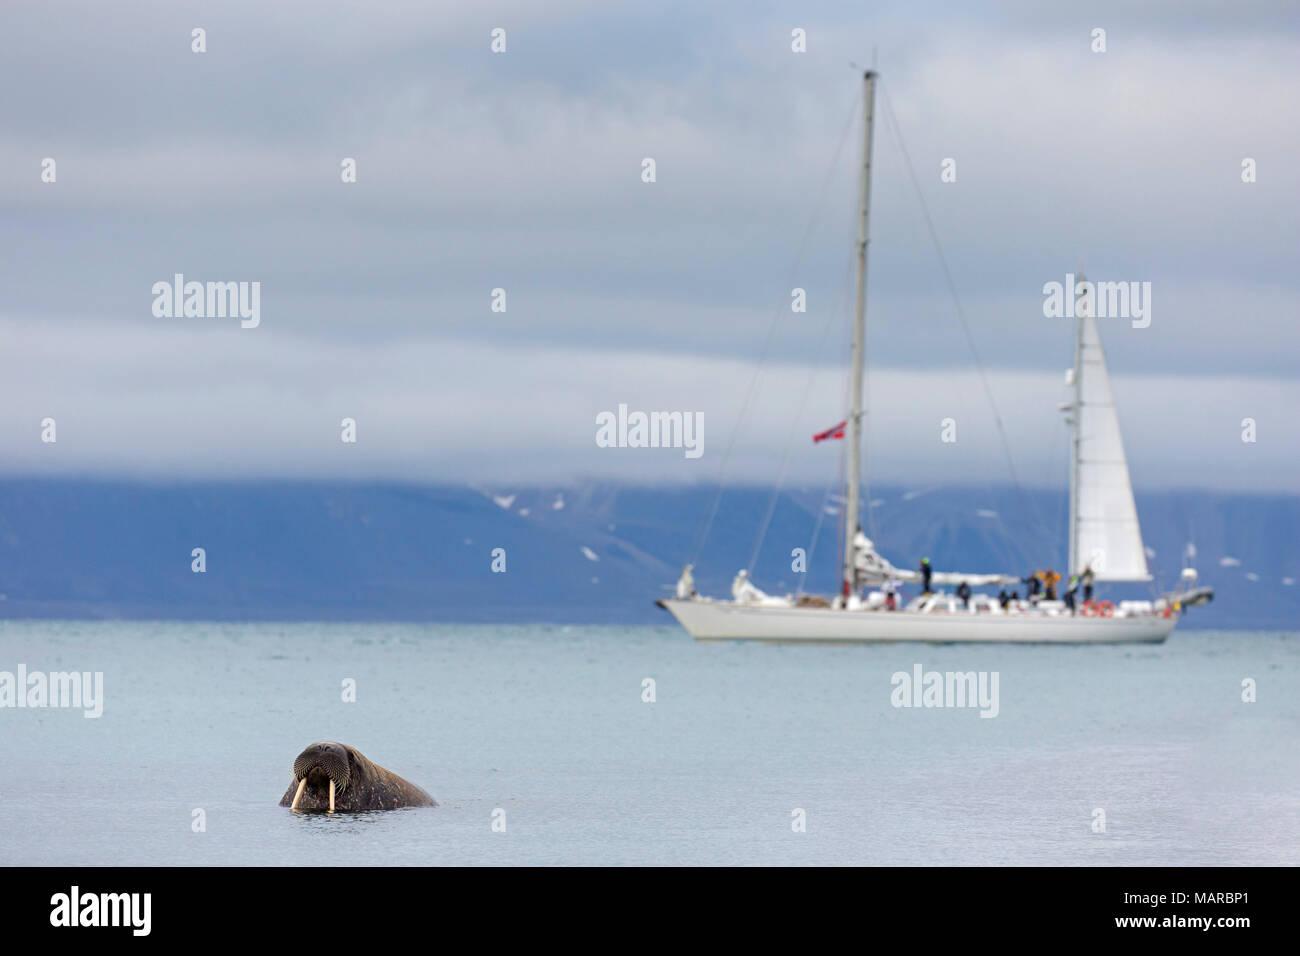 Atlantic tricheco (Odobenus rosmarus). Singolo individuo in acqua con barca a vela in background. Svalbard, Norvegia Foto Stock